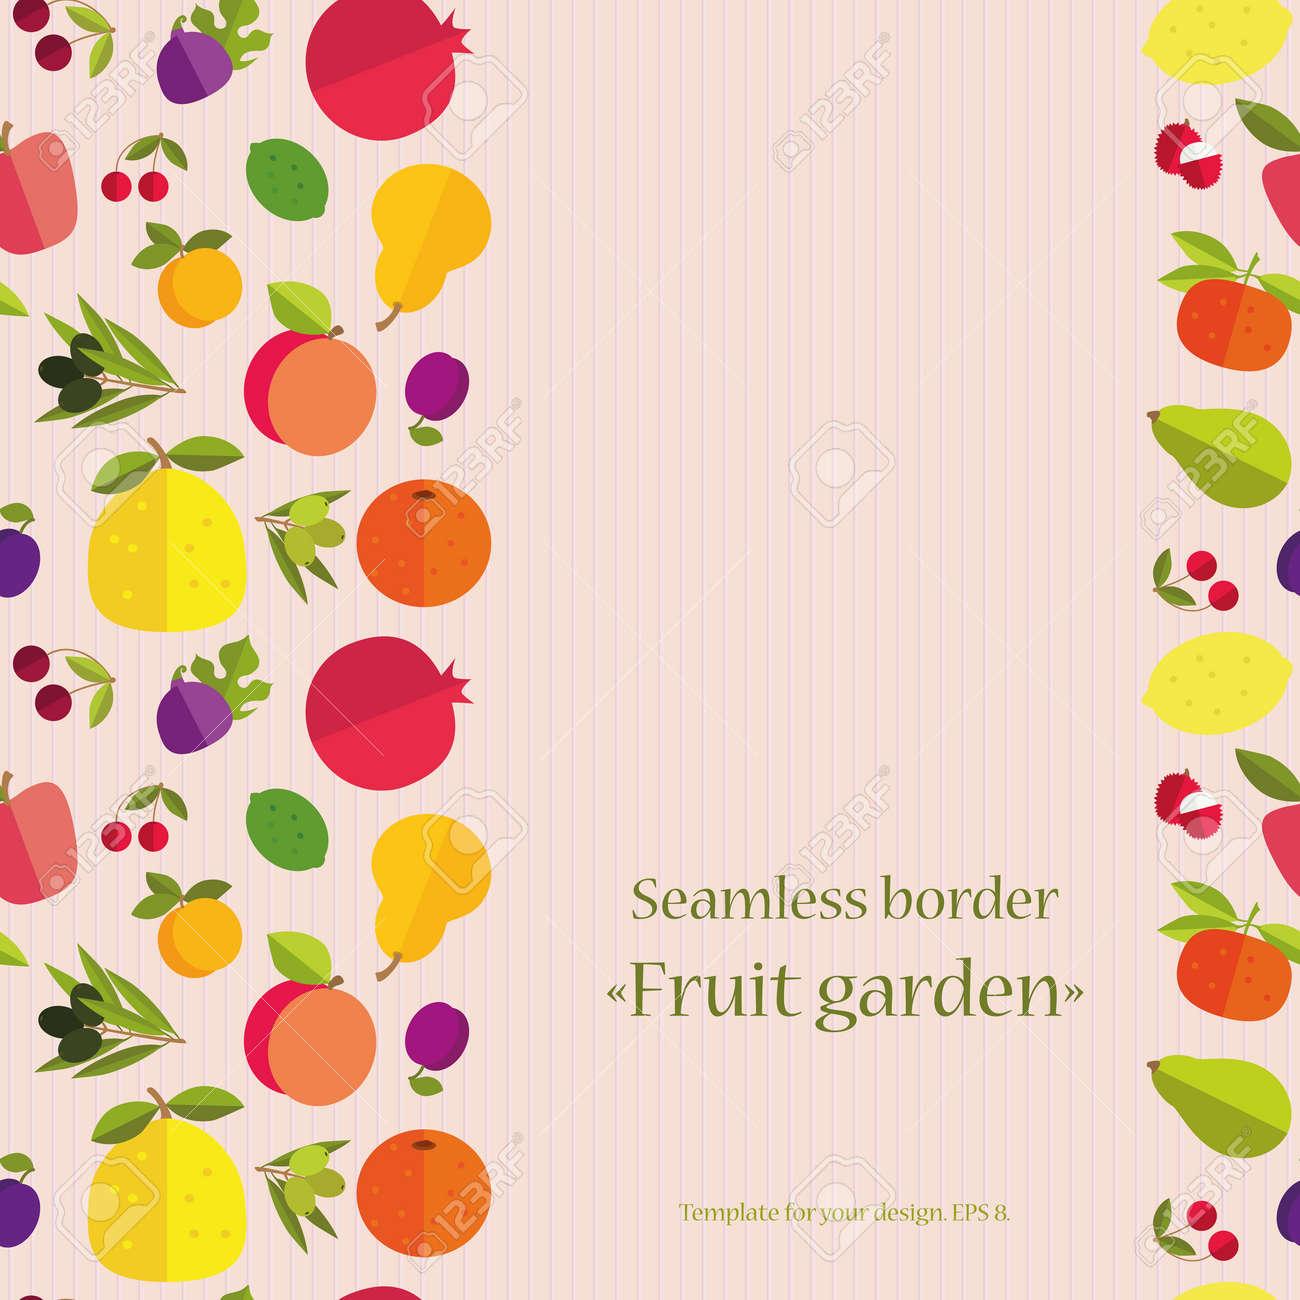 カラフルな果物 フルーツ ガーデン のシームレスな境界線 カード